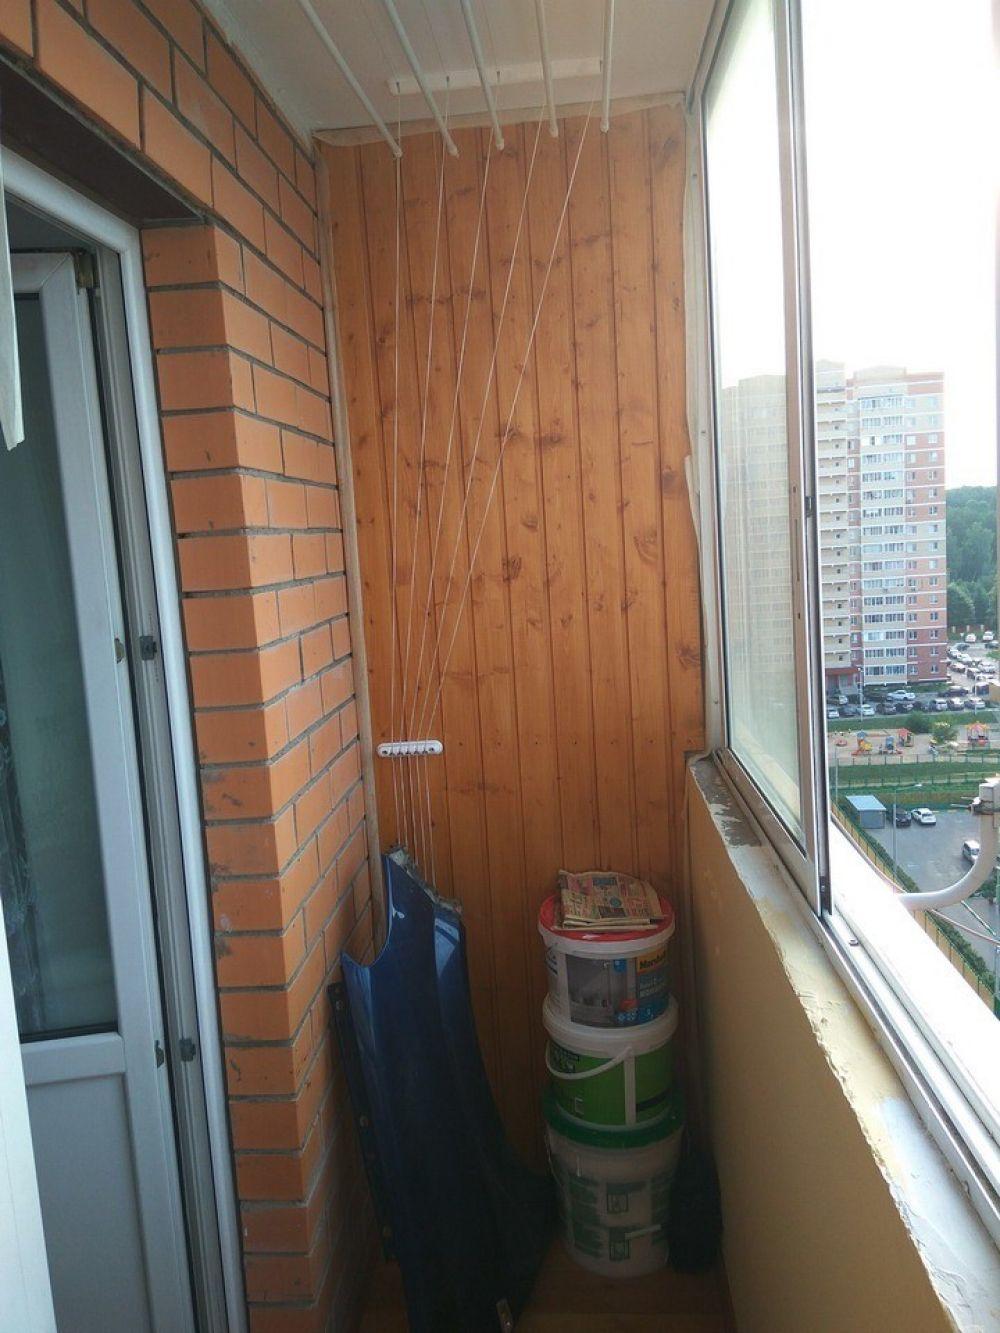 Однокомнатная квартира улучшенной планировки 47.6 м2, г. Щелково, Богородский мкр,10, фото 13